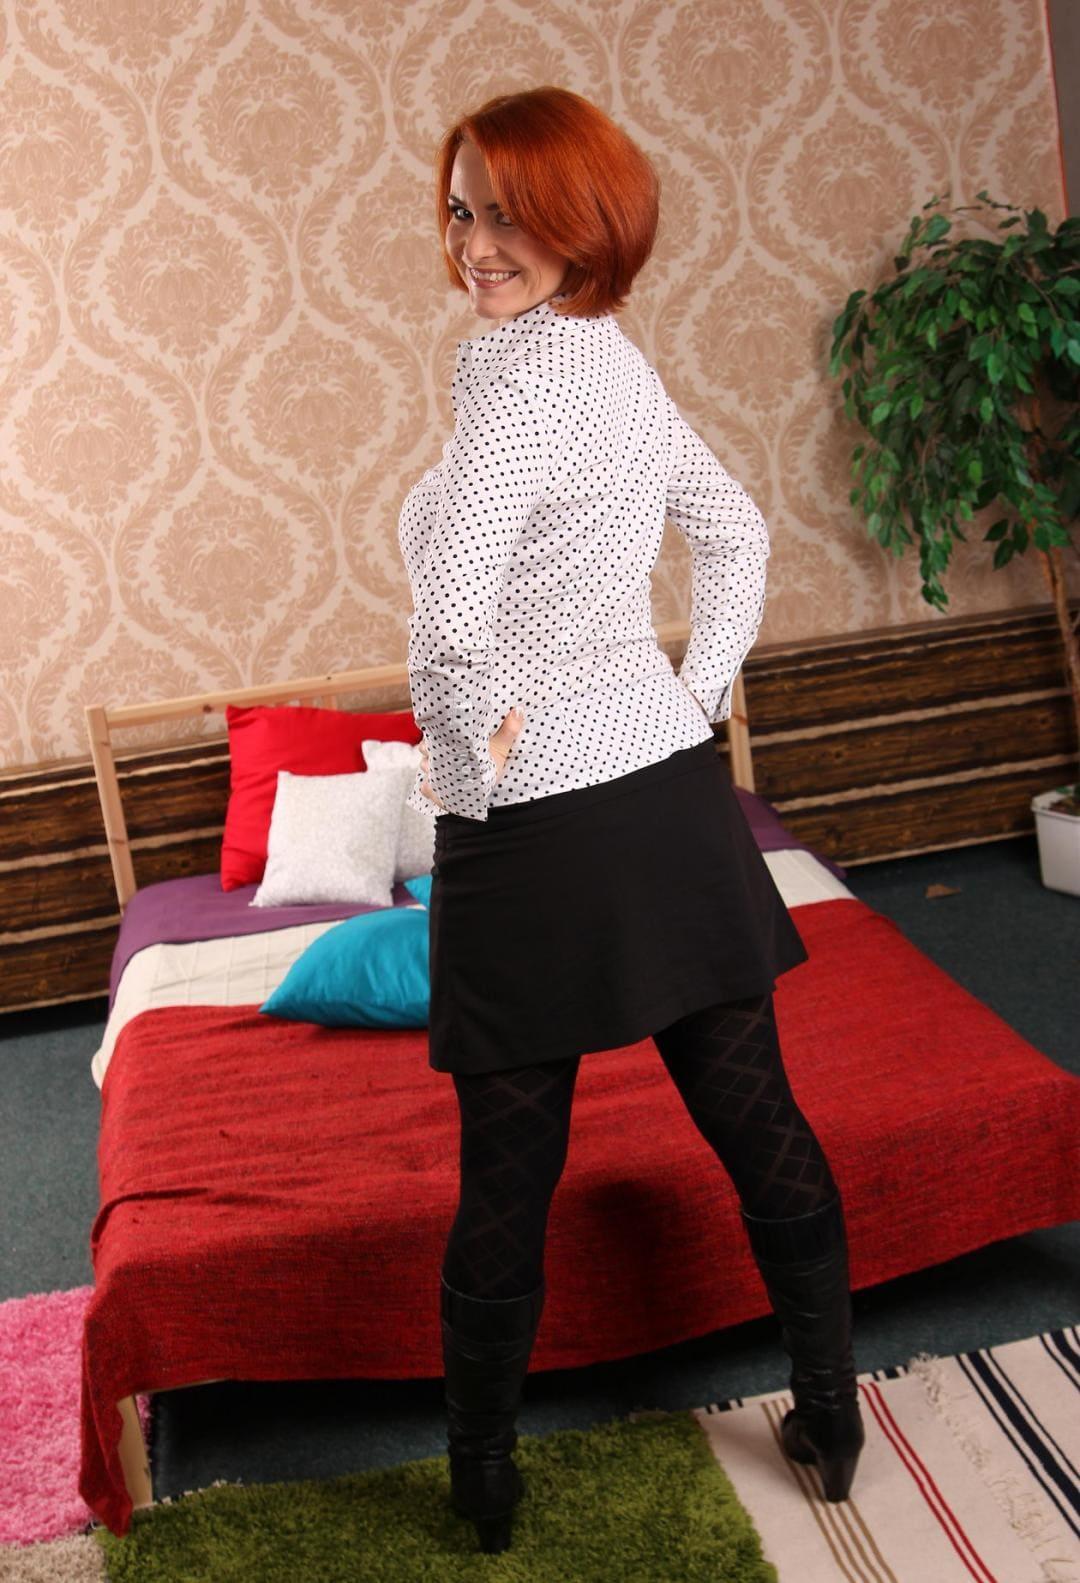 рыжая зрелая с короткой стрижкой стоит у кровати, в короткой черной юбке, плотных колготках, черных сапожках по колено ,немного повернулась, руки на талию положила улыбается